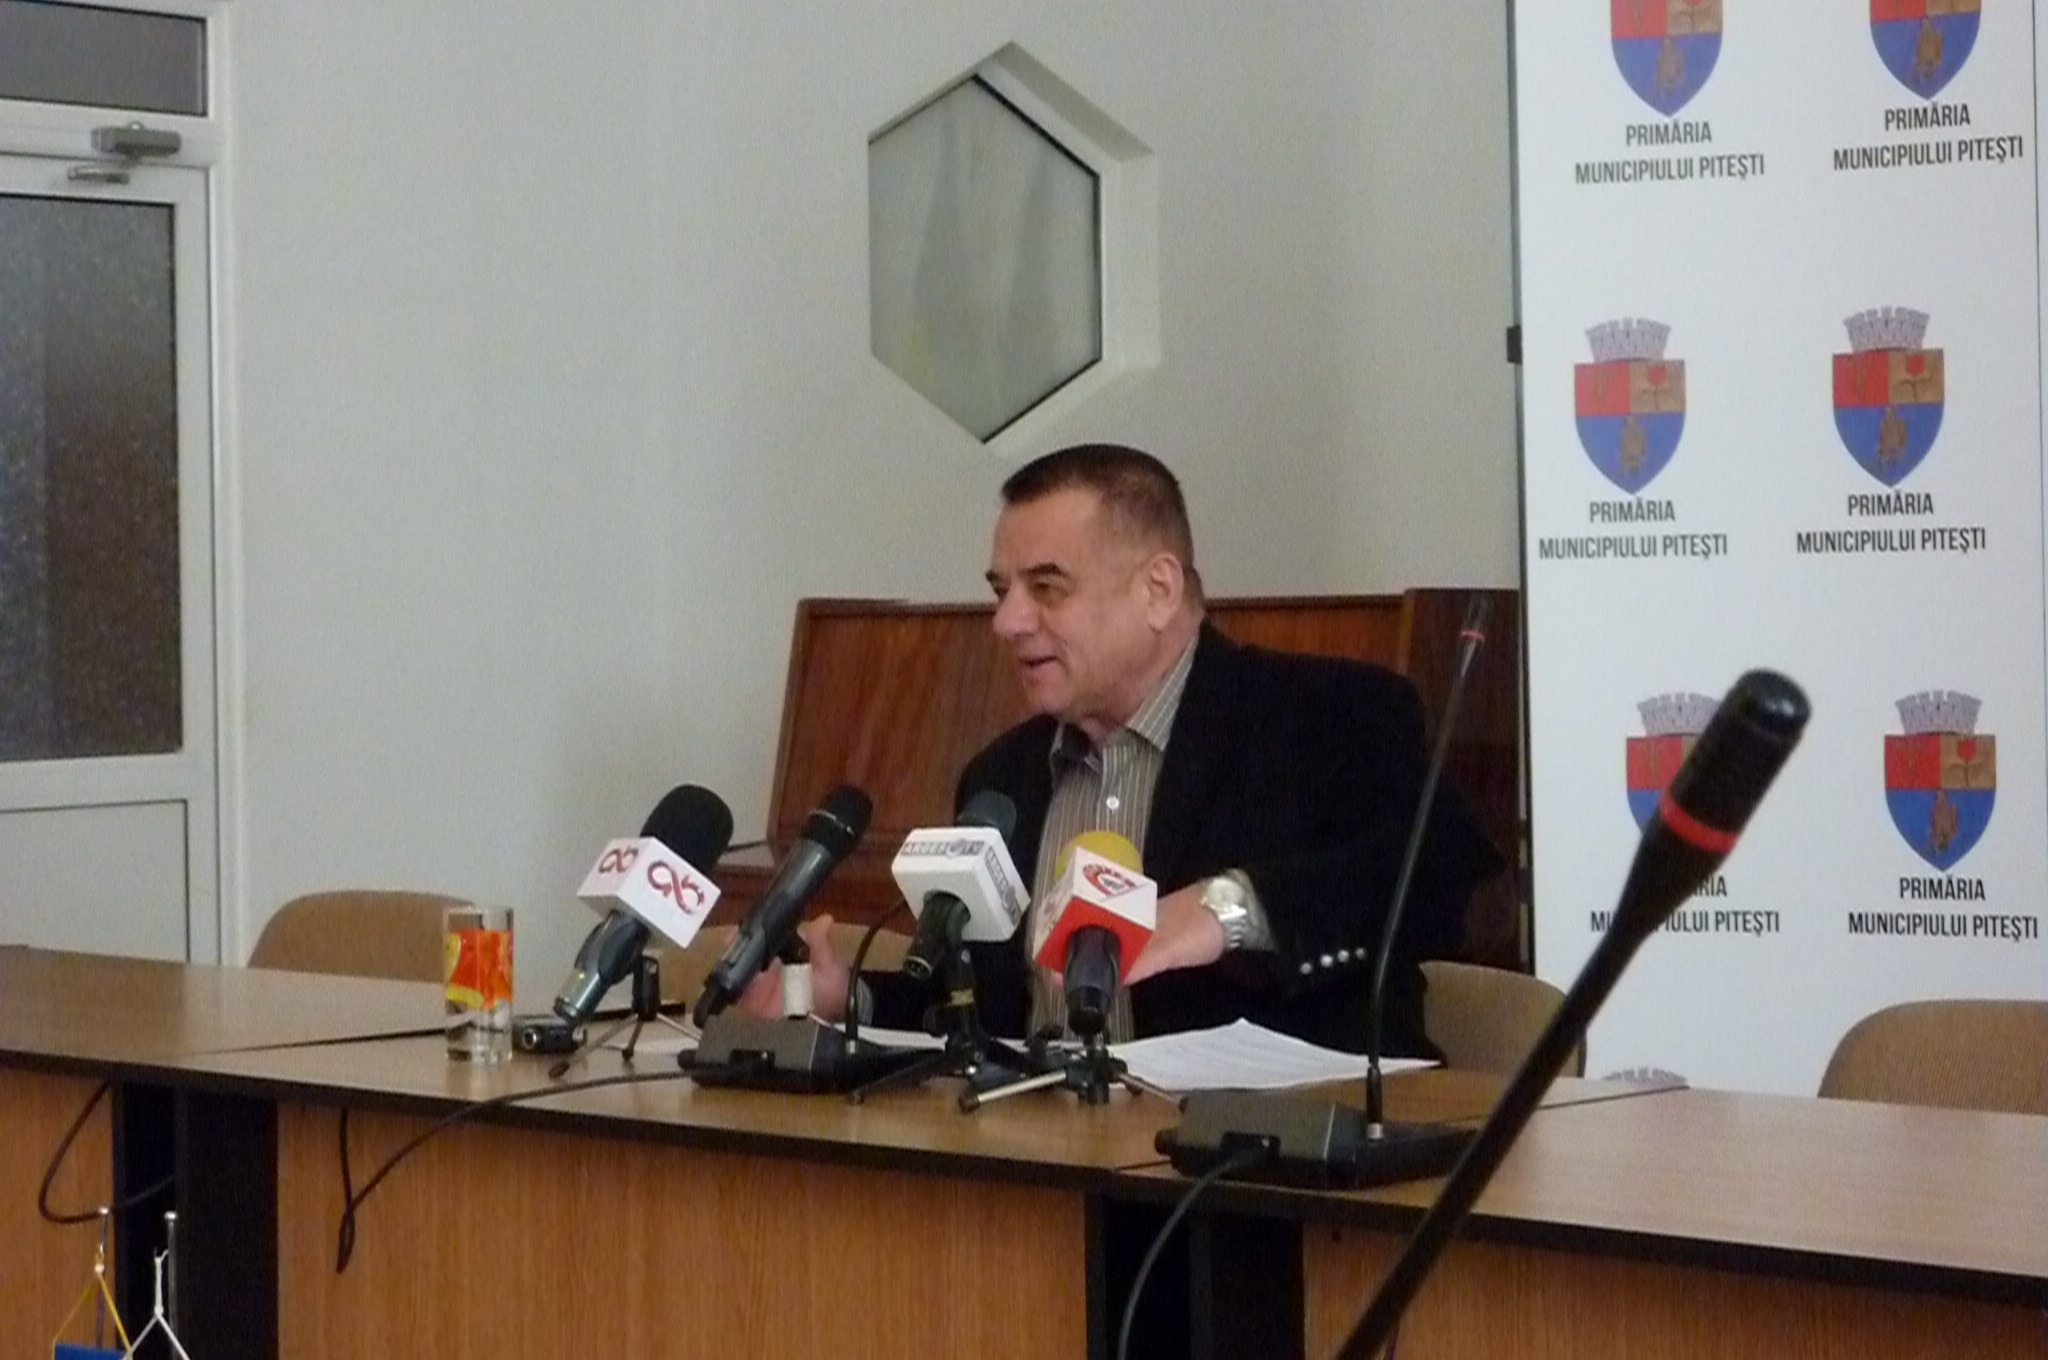 Cornel Ionică a îngheţat conferinţele de presă de la Primăria Piteşti